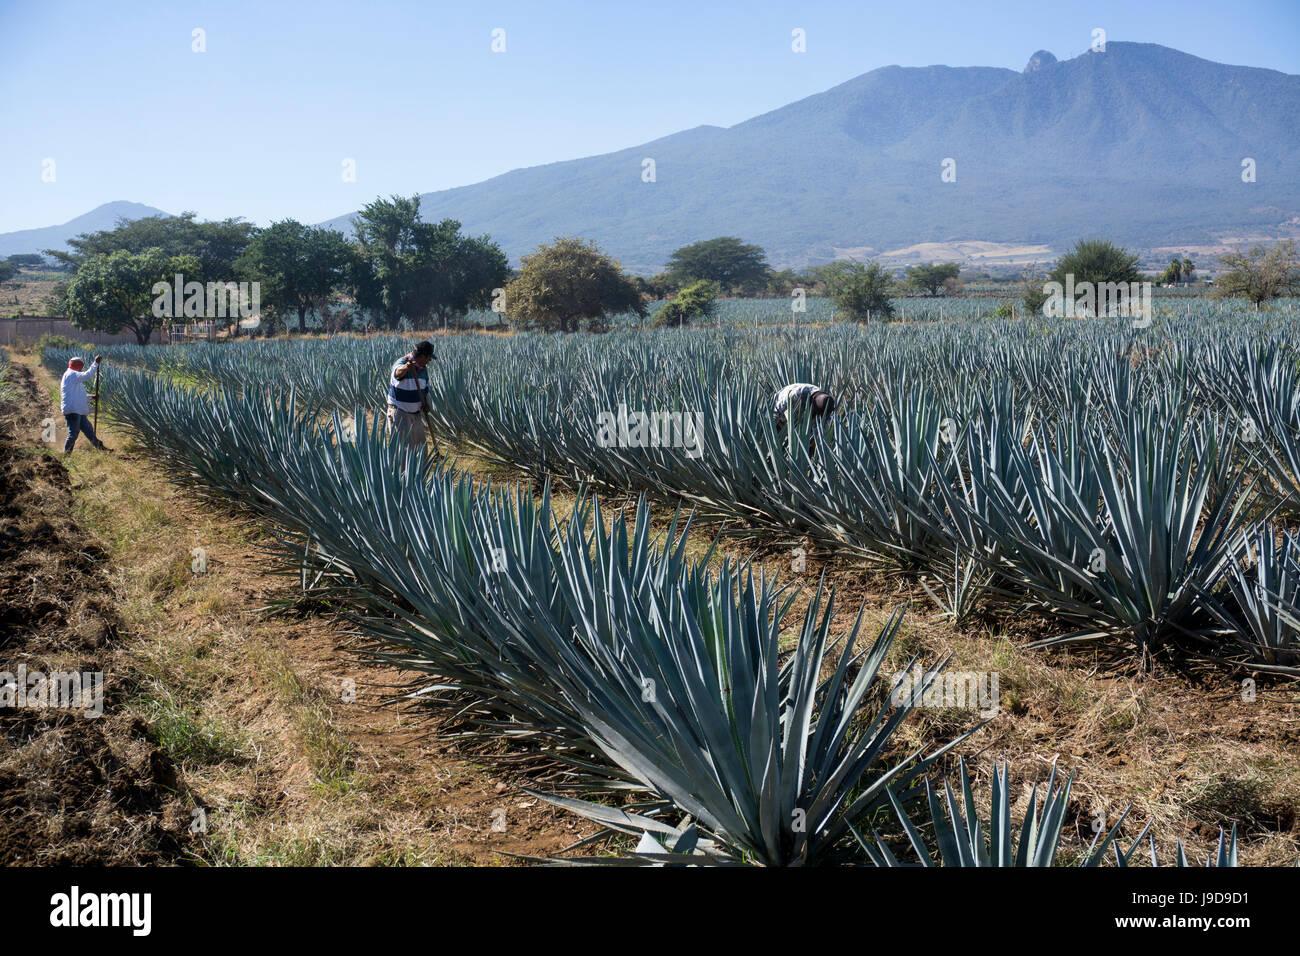 Tequila wird aus der blauen Agave im Bundesstaat Jalisco und vor allem rund um die Stadt Tequila, Jalisco, Mexiko Stockbild